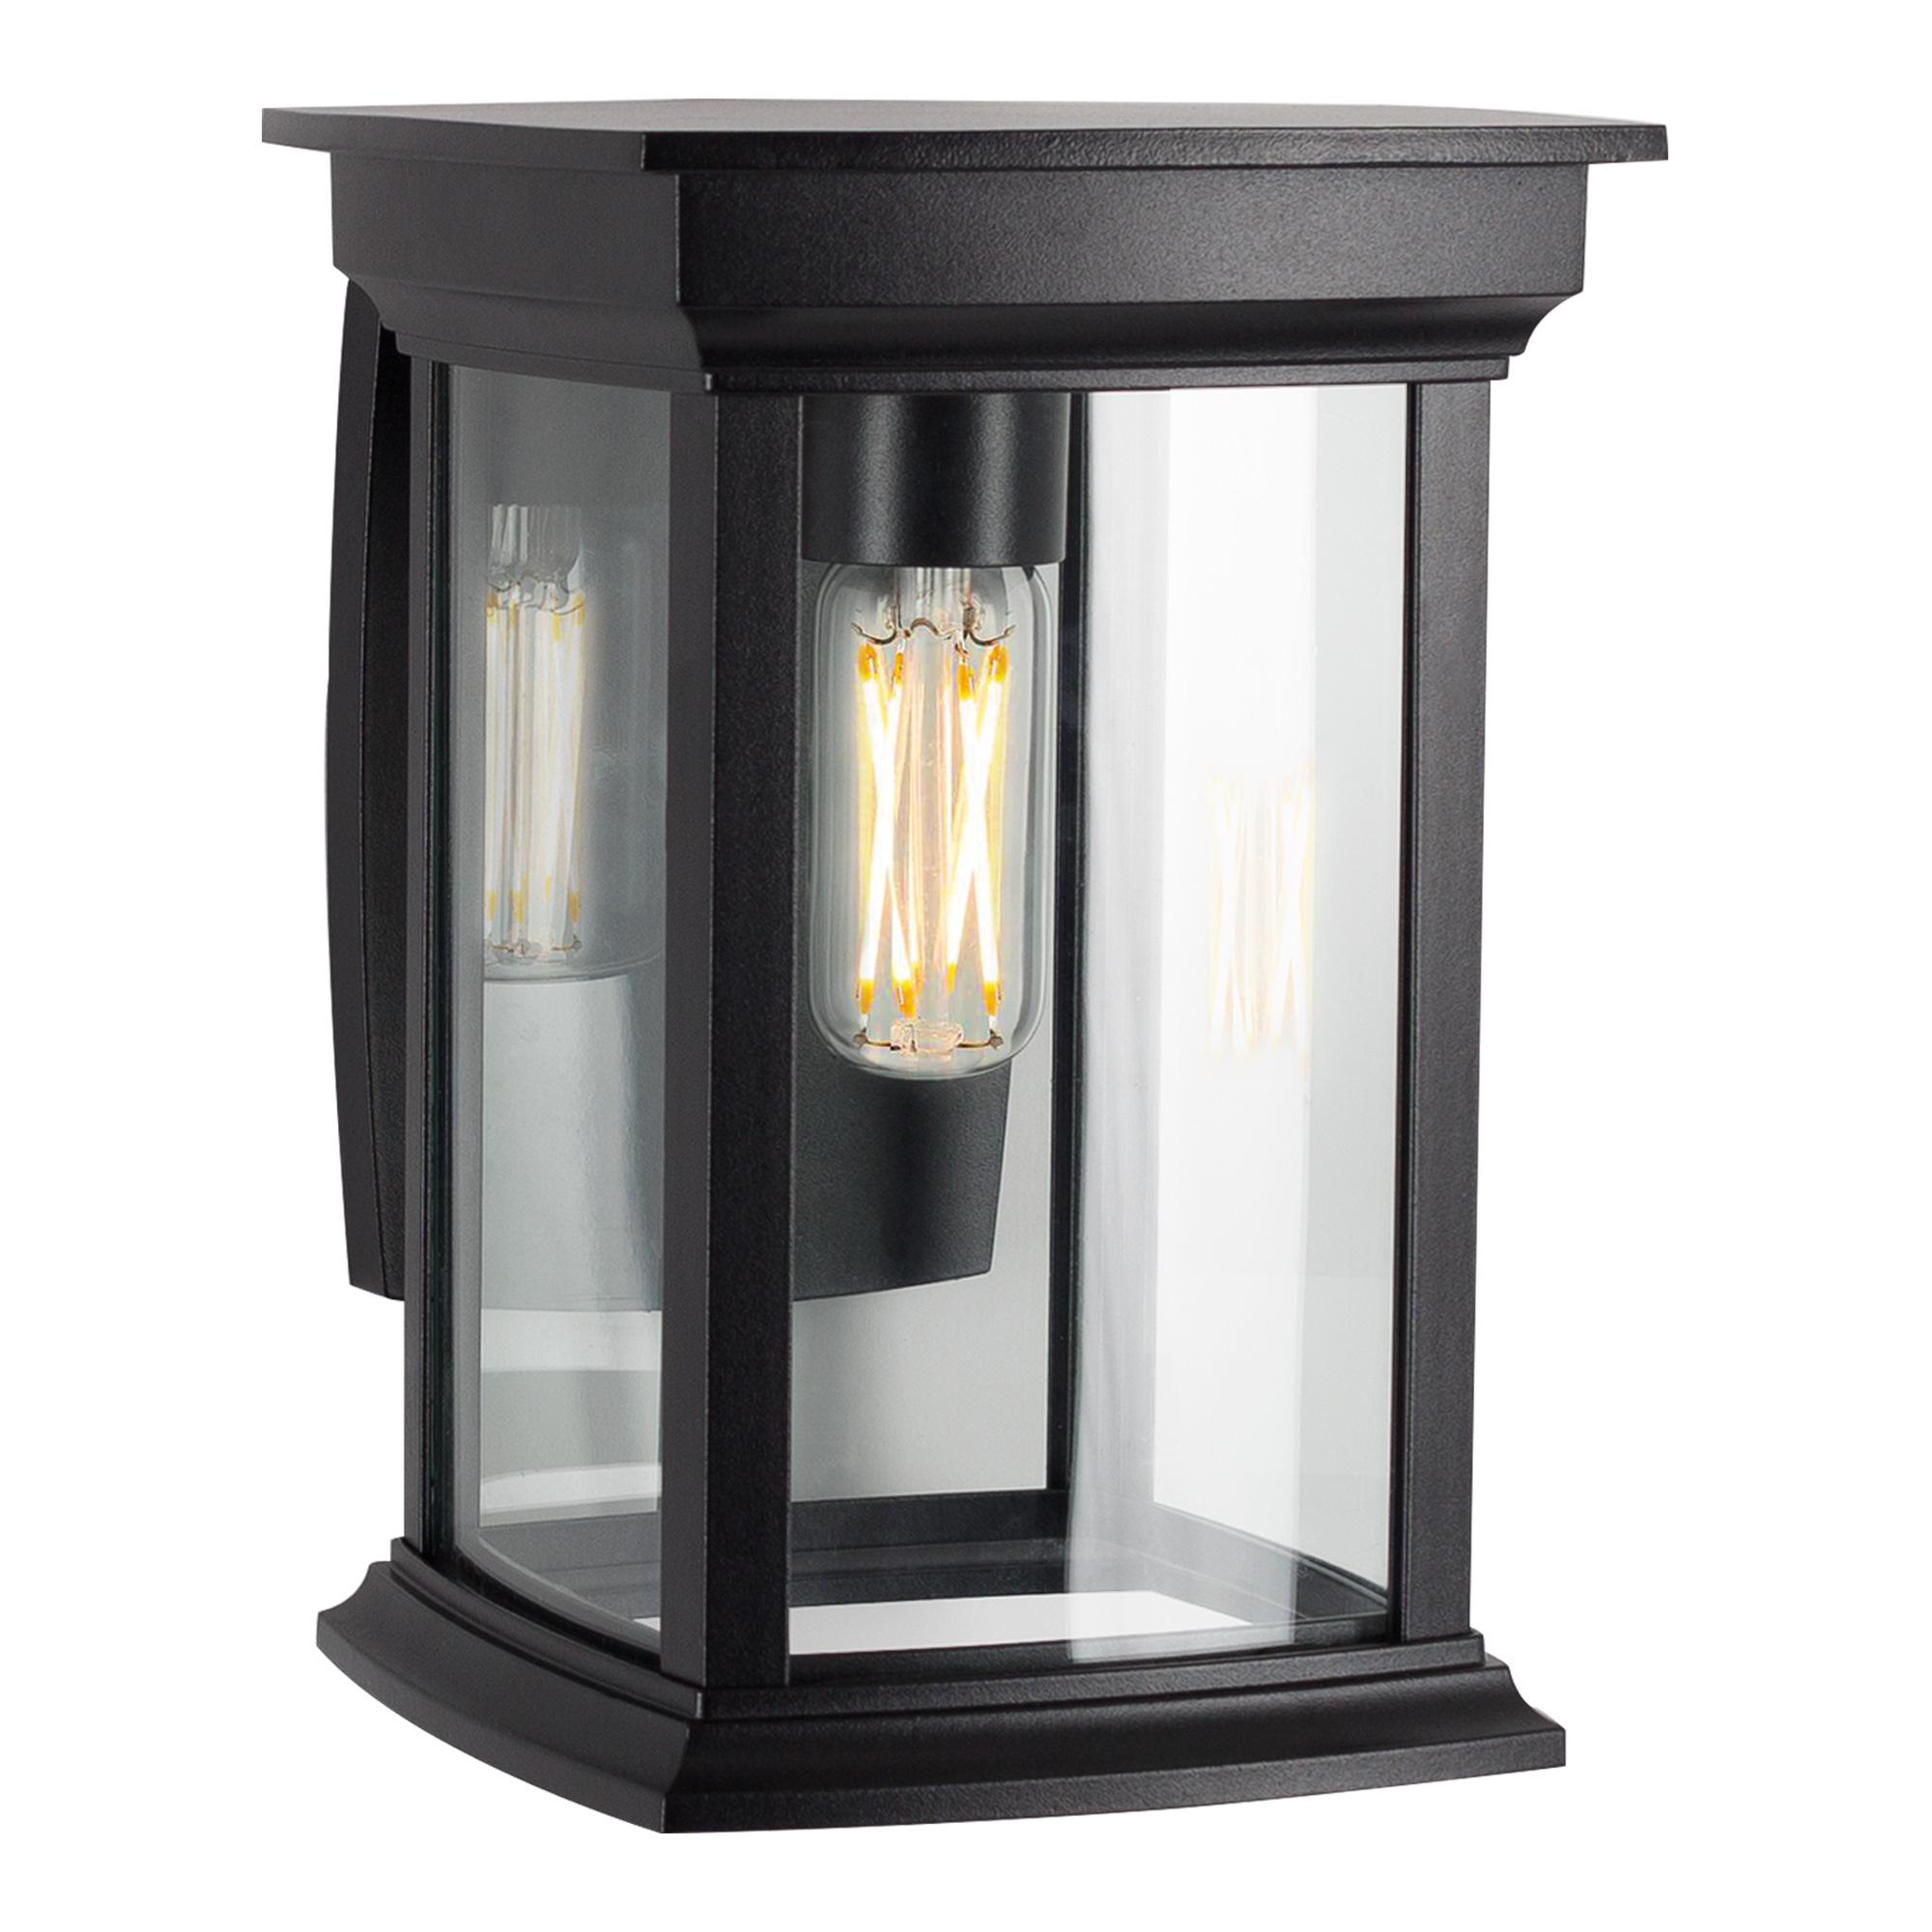 Carlton buitenlamp met dag/nacht sensor LED